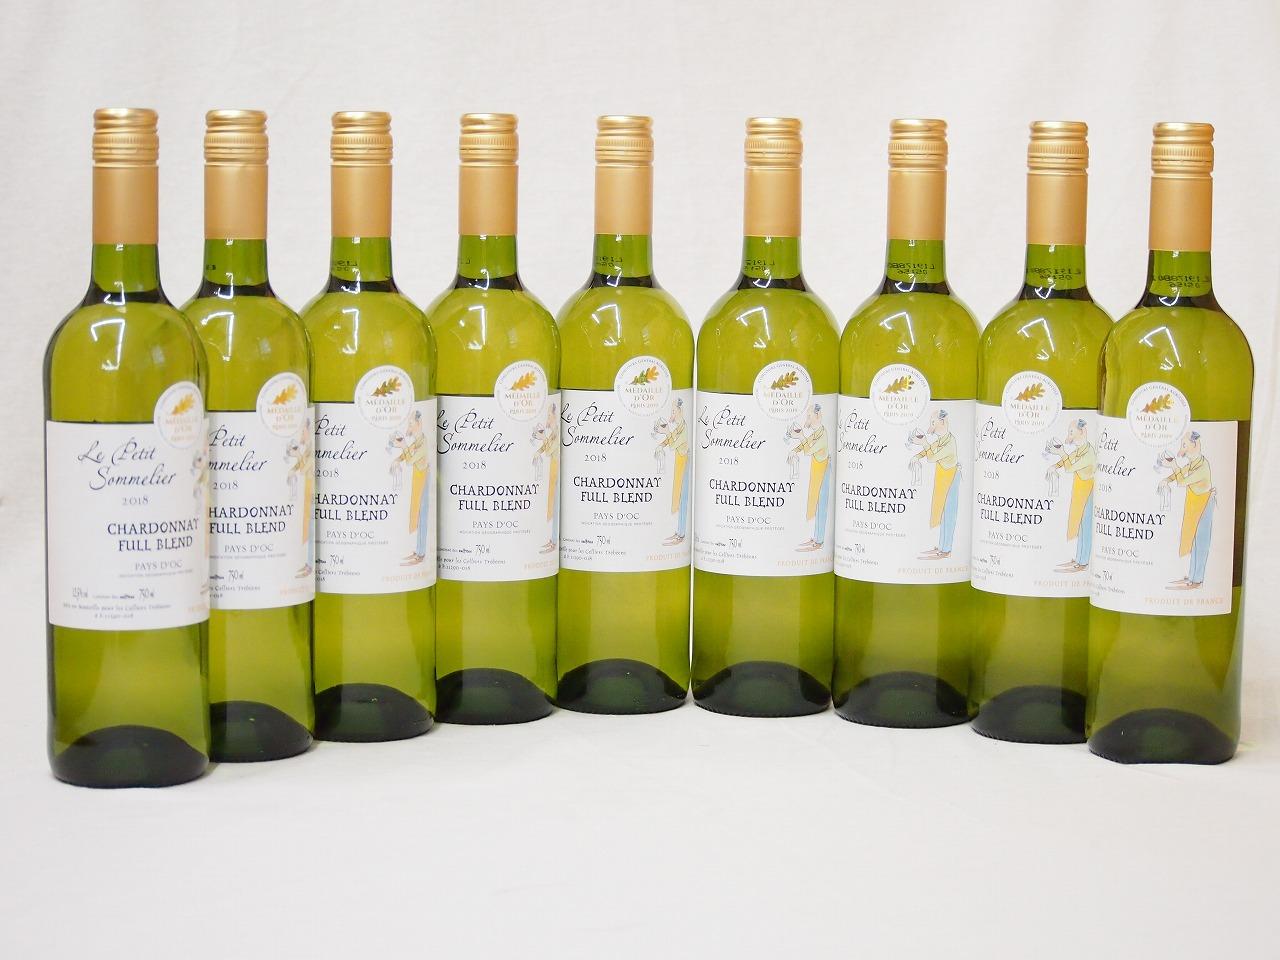 10本セットフランス金賞白ワイン ル プティソムリエシャルドネ2018年 やや辛口 750ml×10本